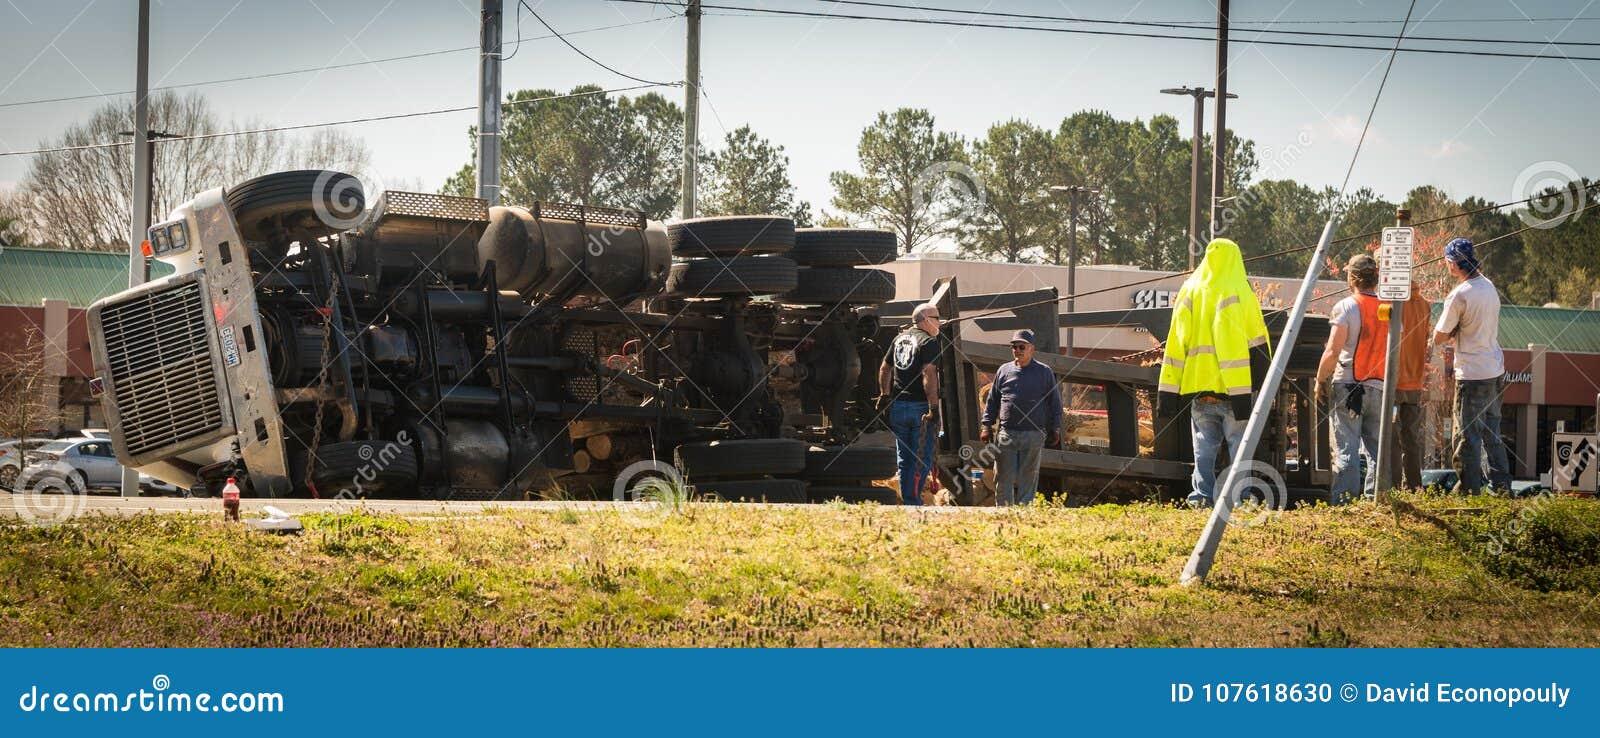 10 maart, 2017: Carrboro, NC de V.S. - registrerenvrachtwagen op weg wordt omgekeerd die